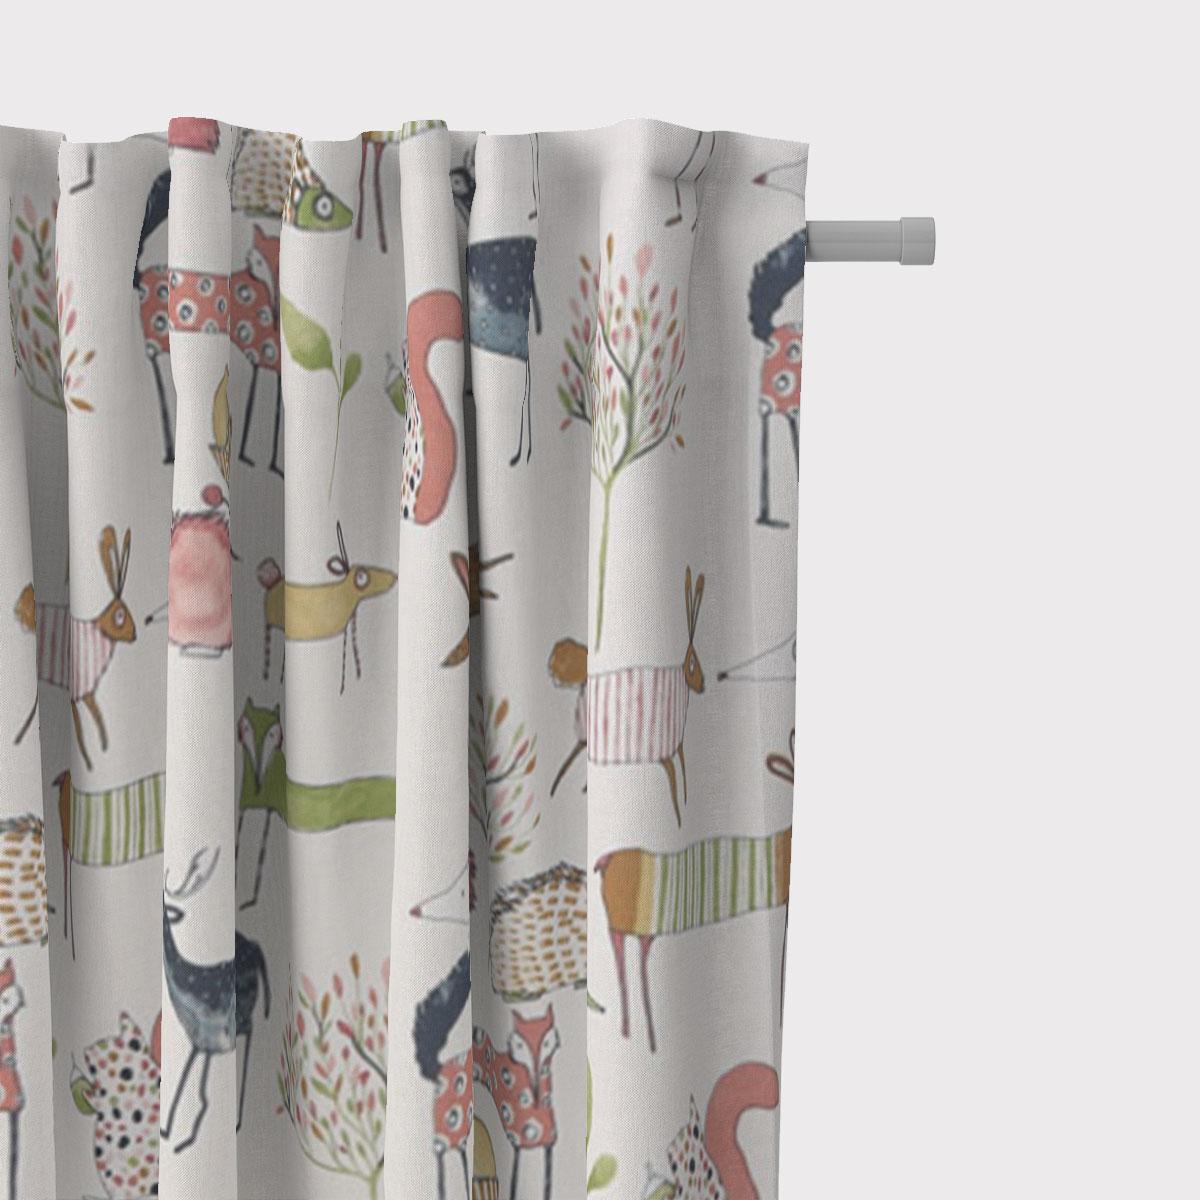 SCHÖNER LEBEN. Vorhang Oh My Deer Waldtiere wollweiß grün beere bunt 245cm oder Wunschlänge